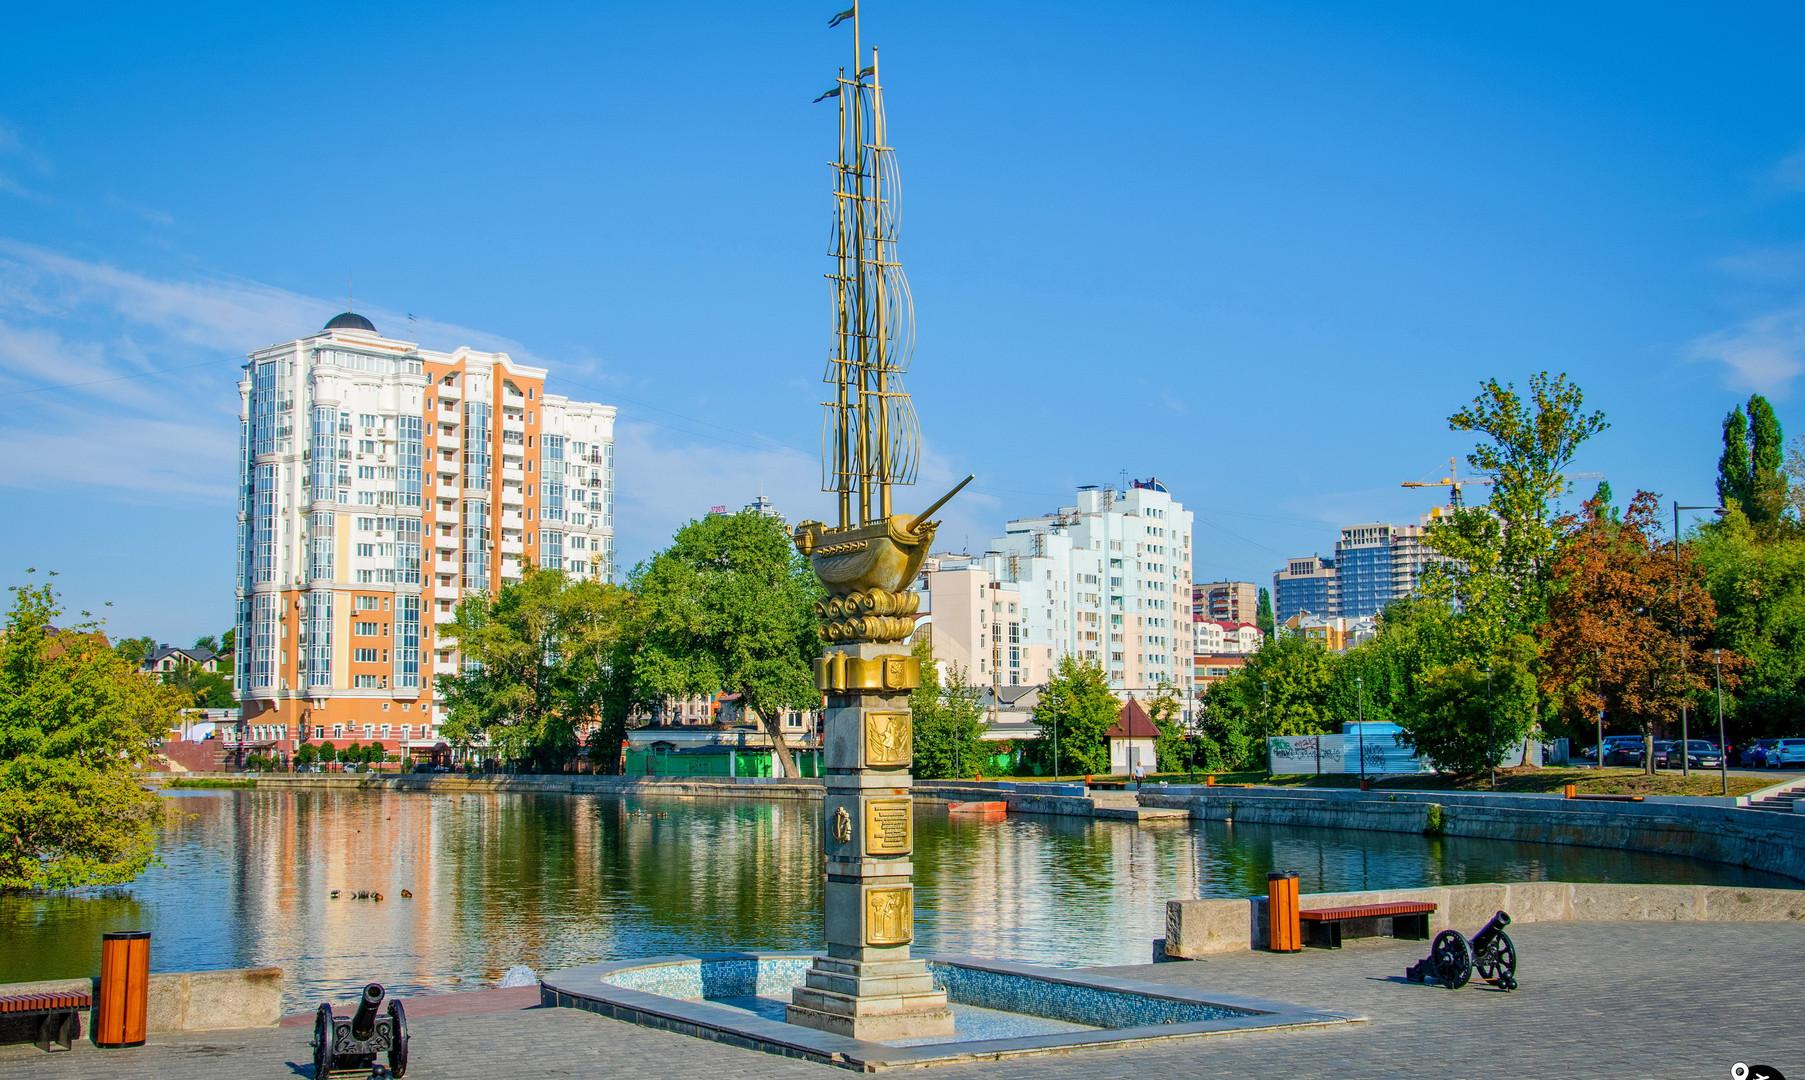 Комсомольский пруд, Липецк